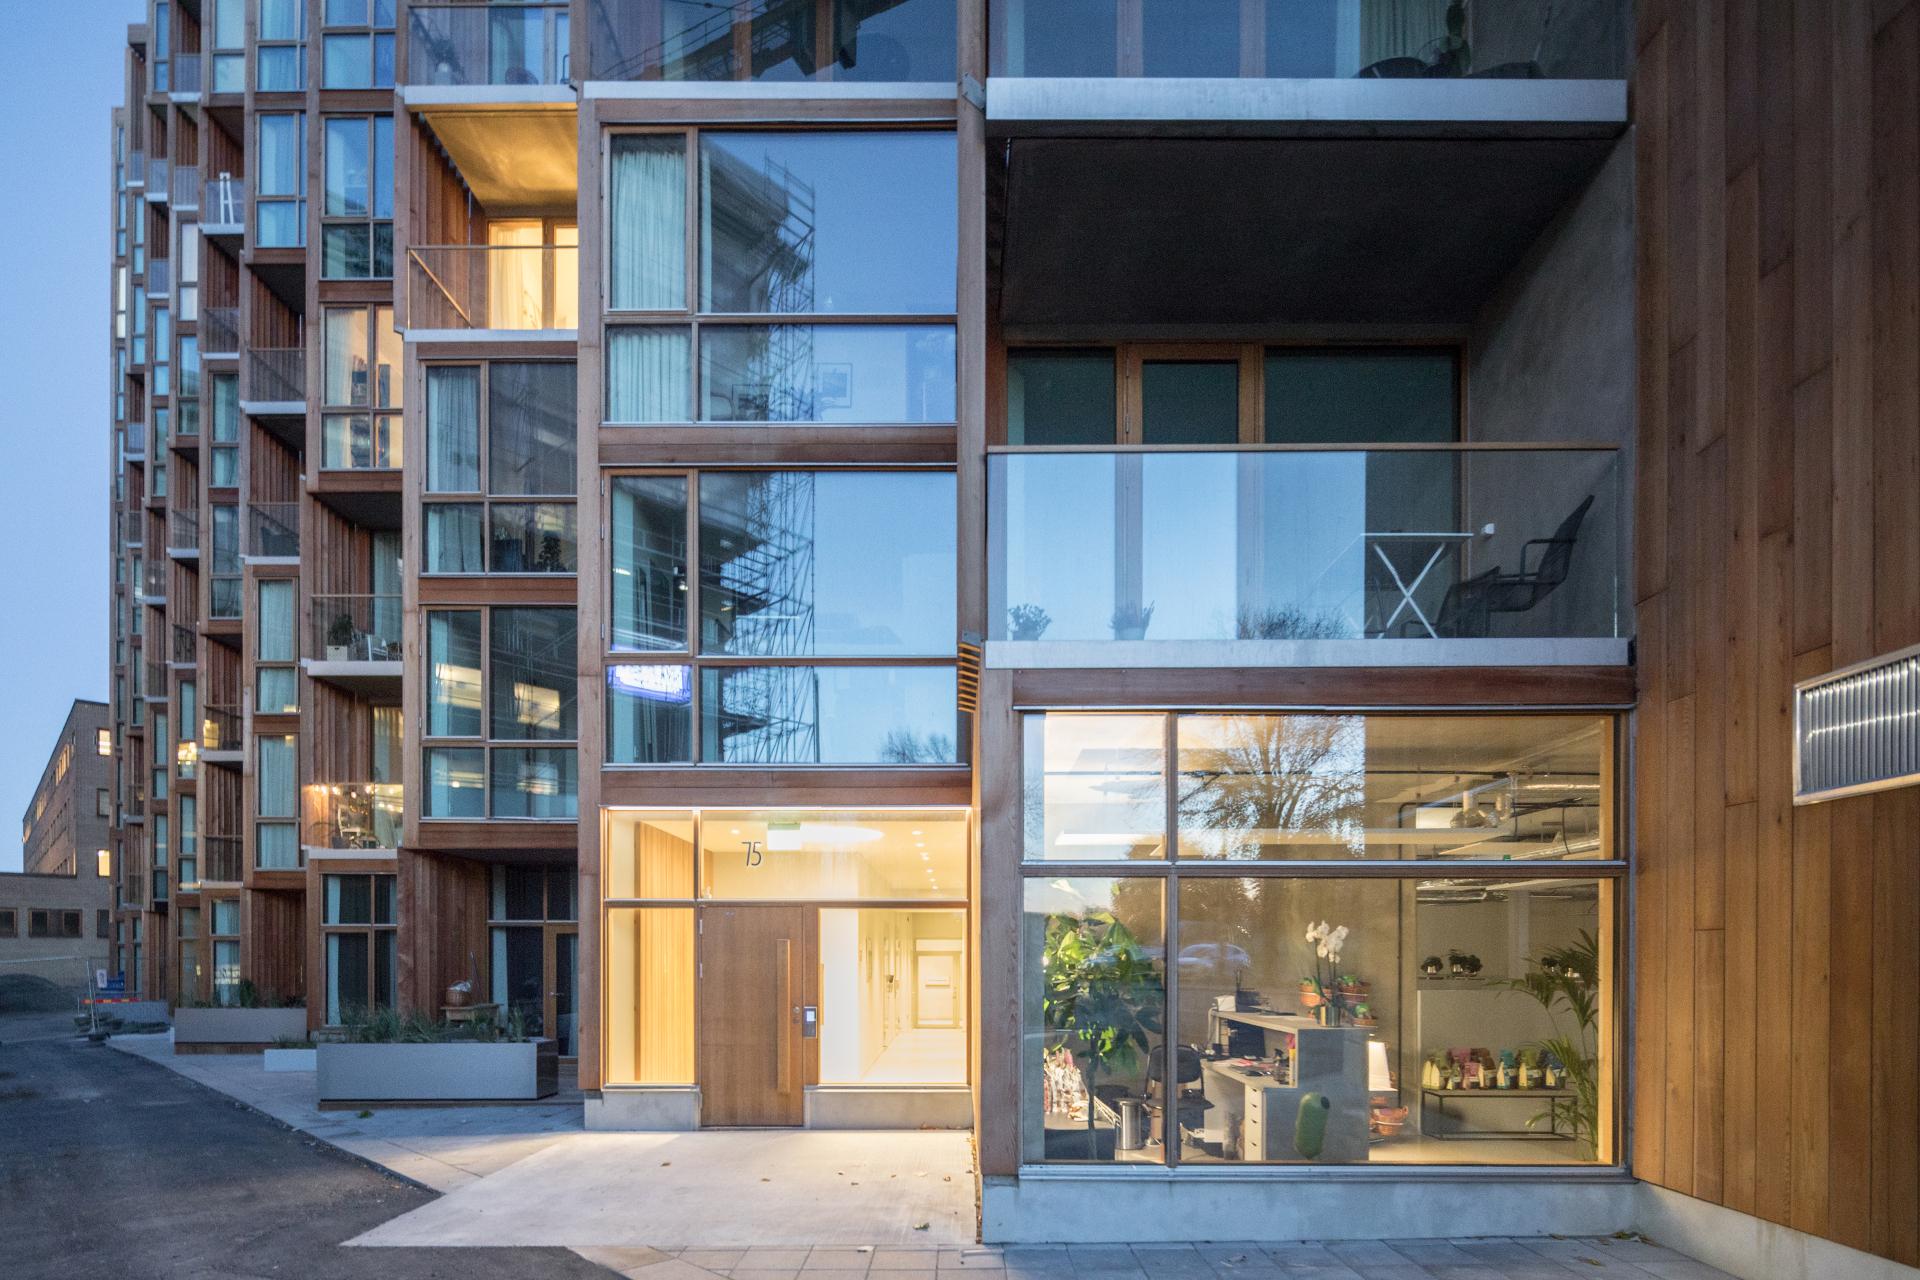 Appartamenti rivestiti in legno di cedro a gaerdetstoccolma per il